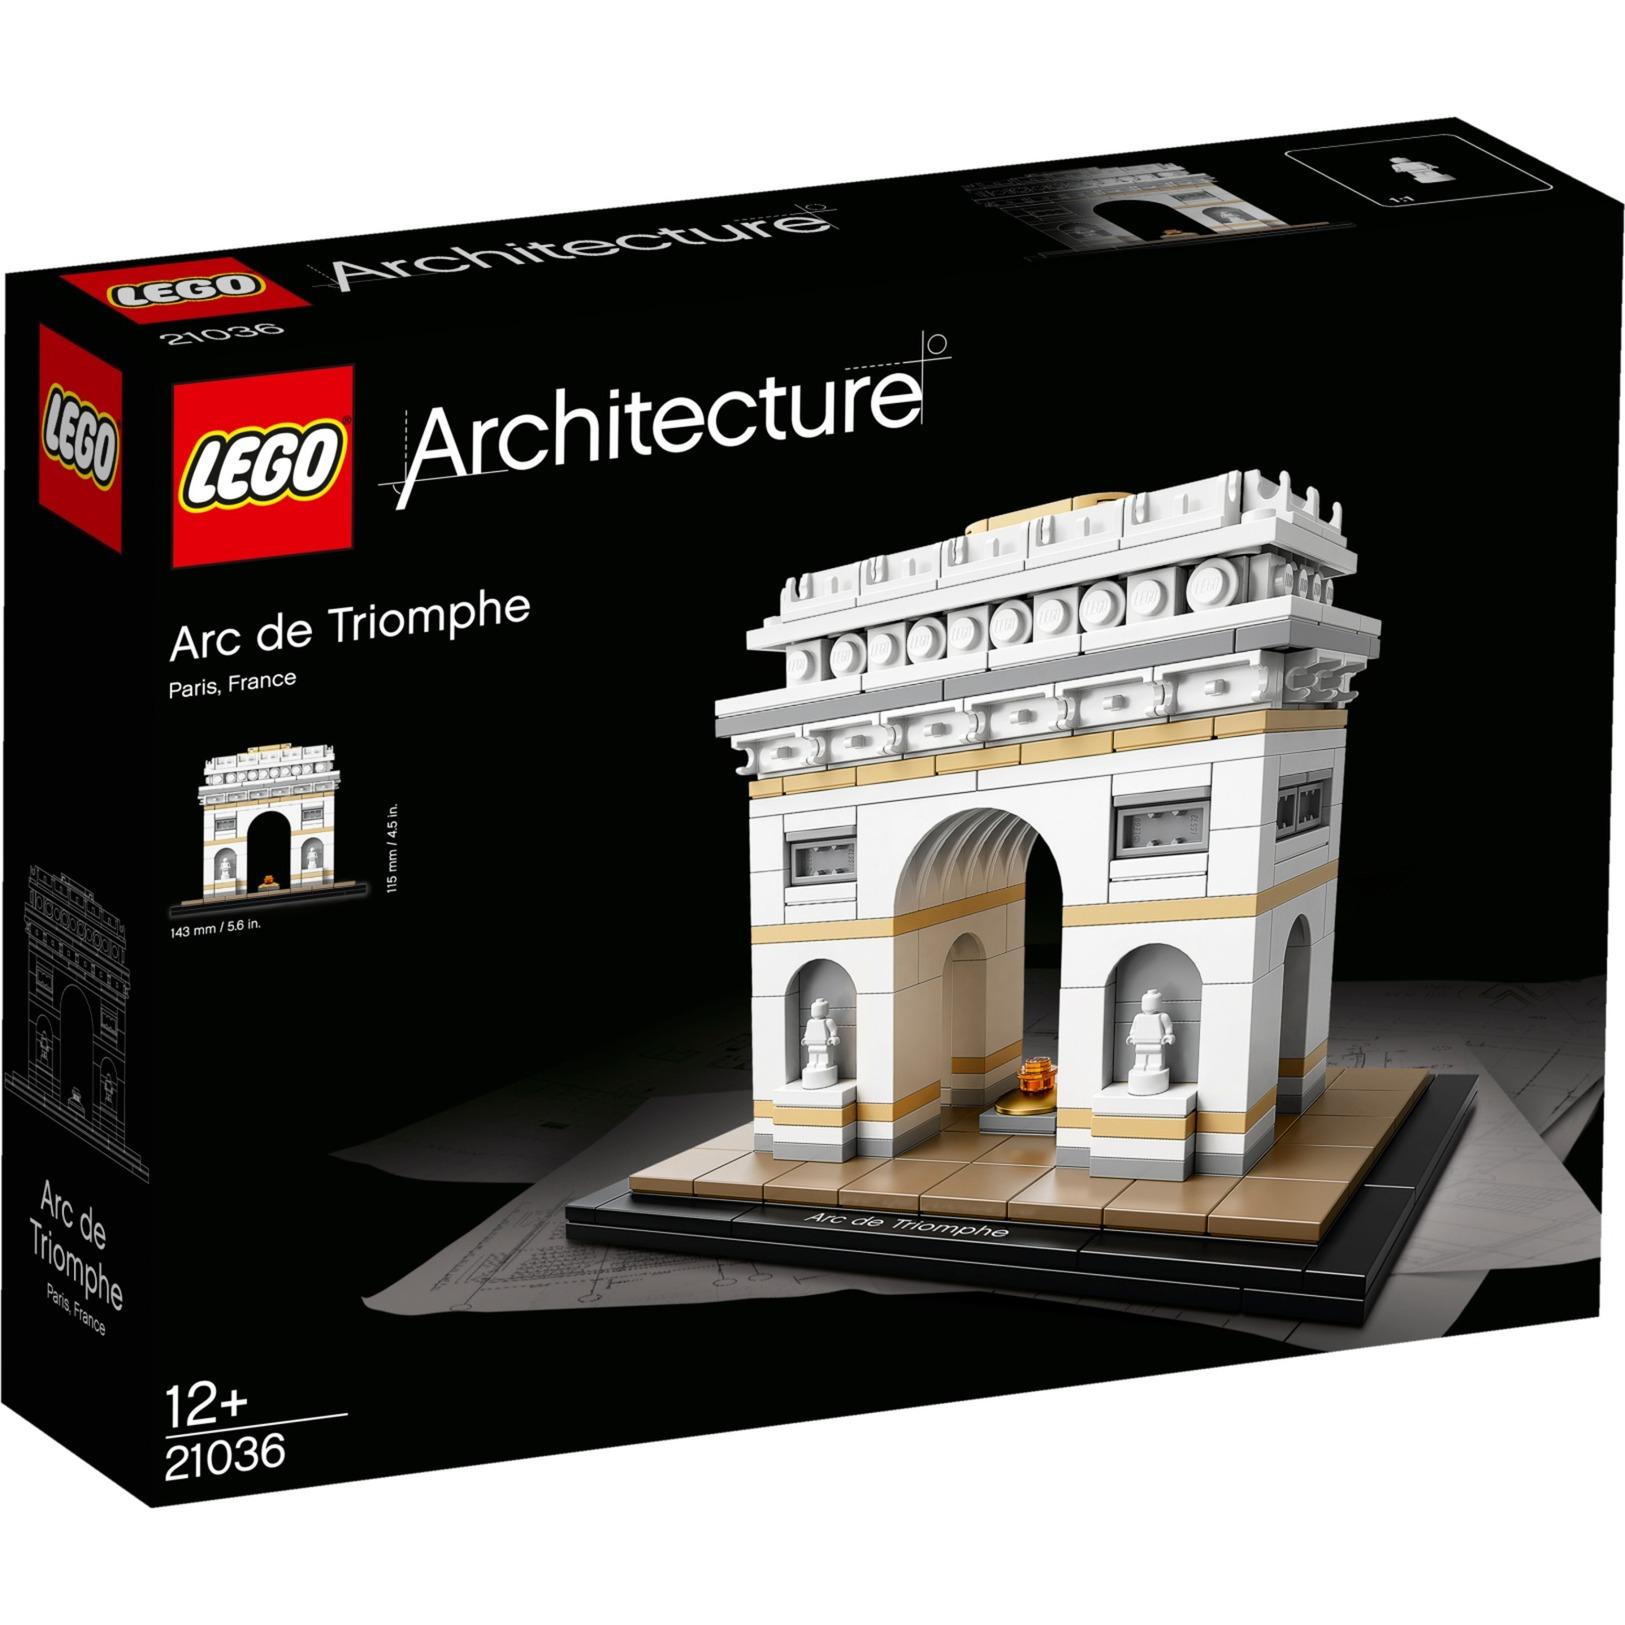 Architecture 21036 Arco del Triunfo, Juegos de construcción